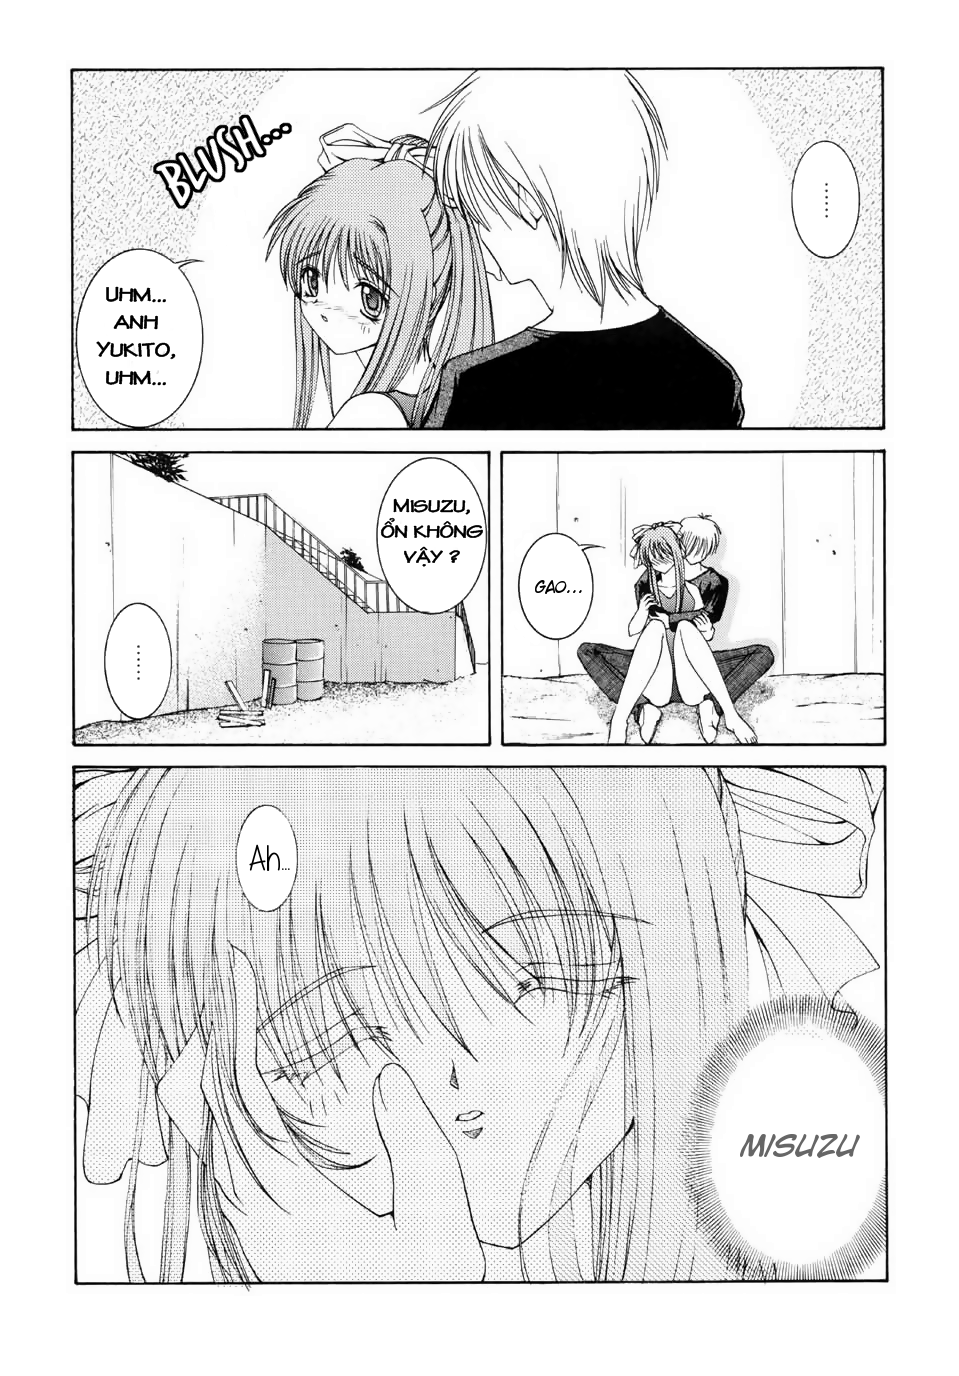 Hình ảnh  trong bài viết Truyện hentai Mirai Kouro